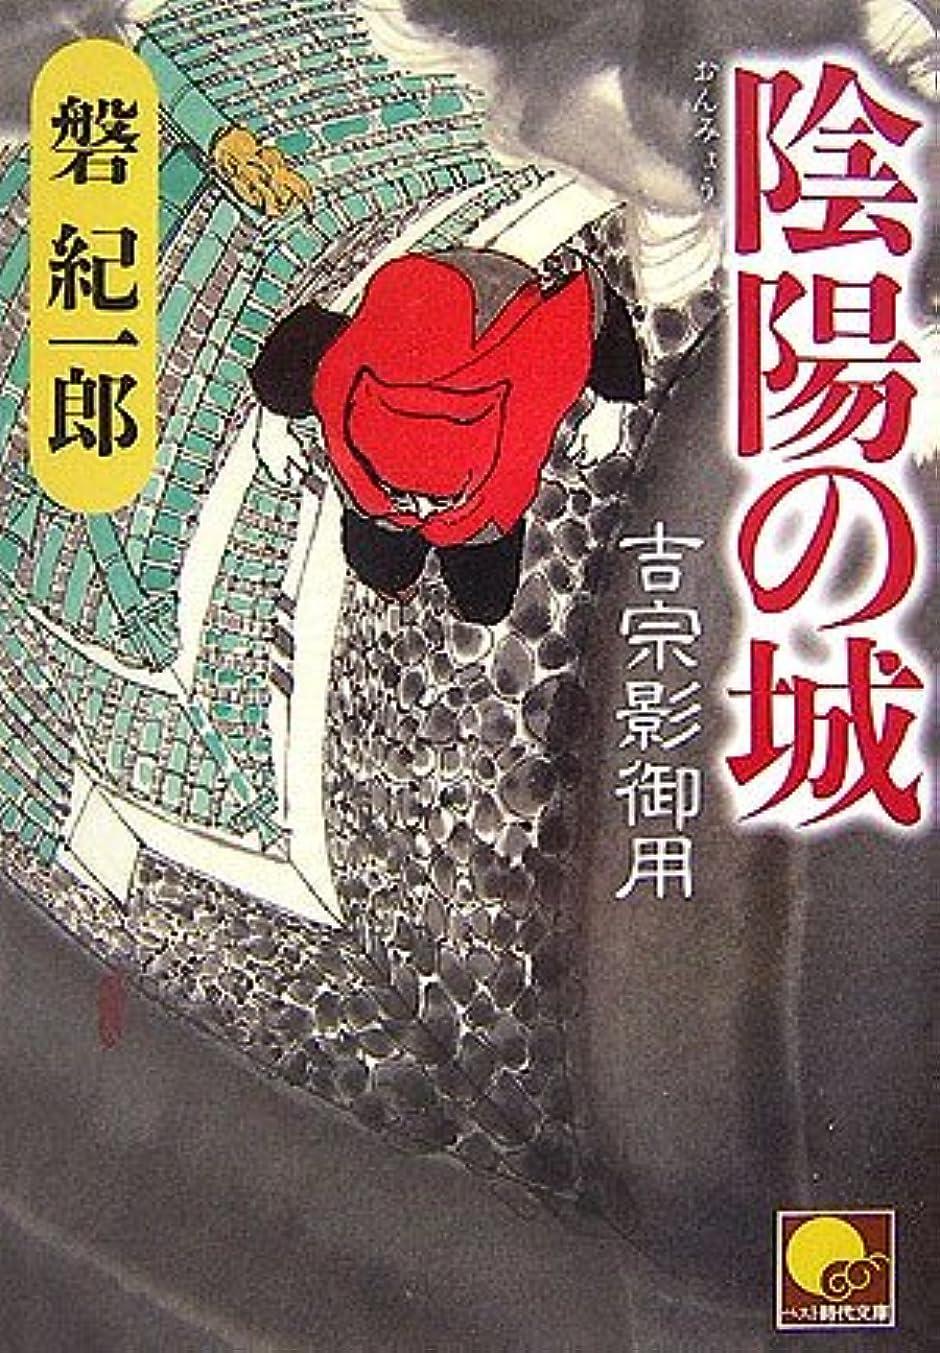 失敗許可する精度大江戸色ごよみ (ベスト時代文庫)